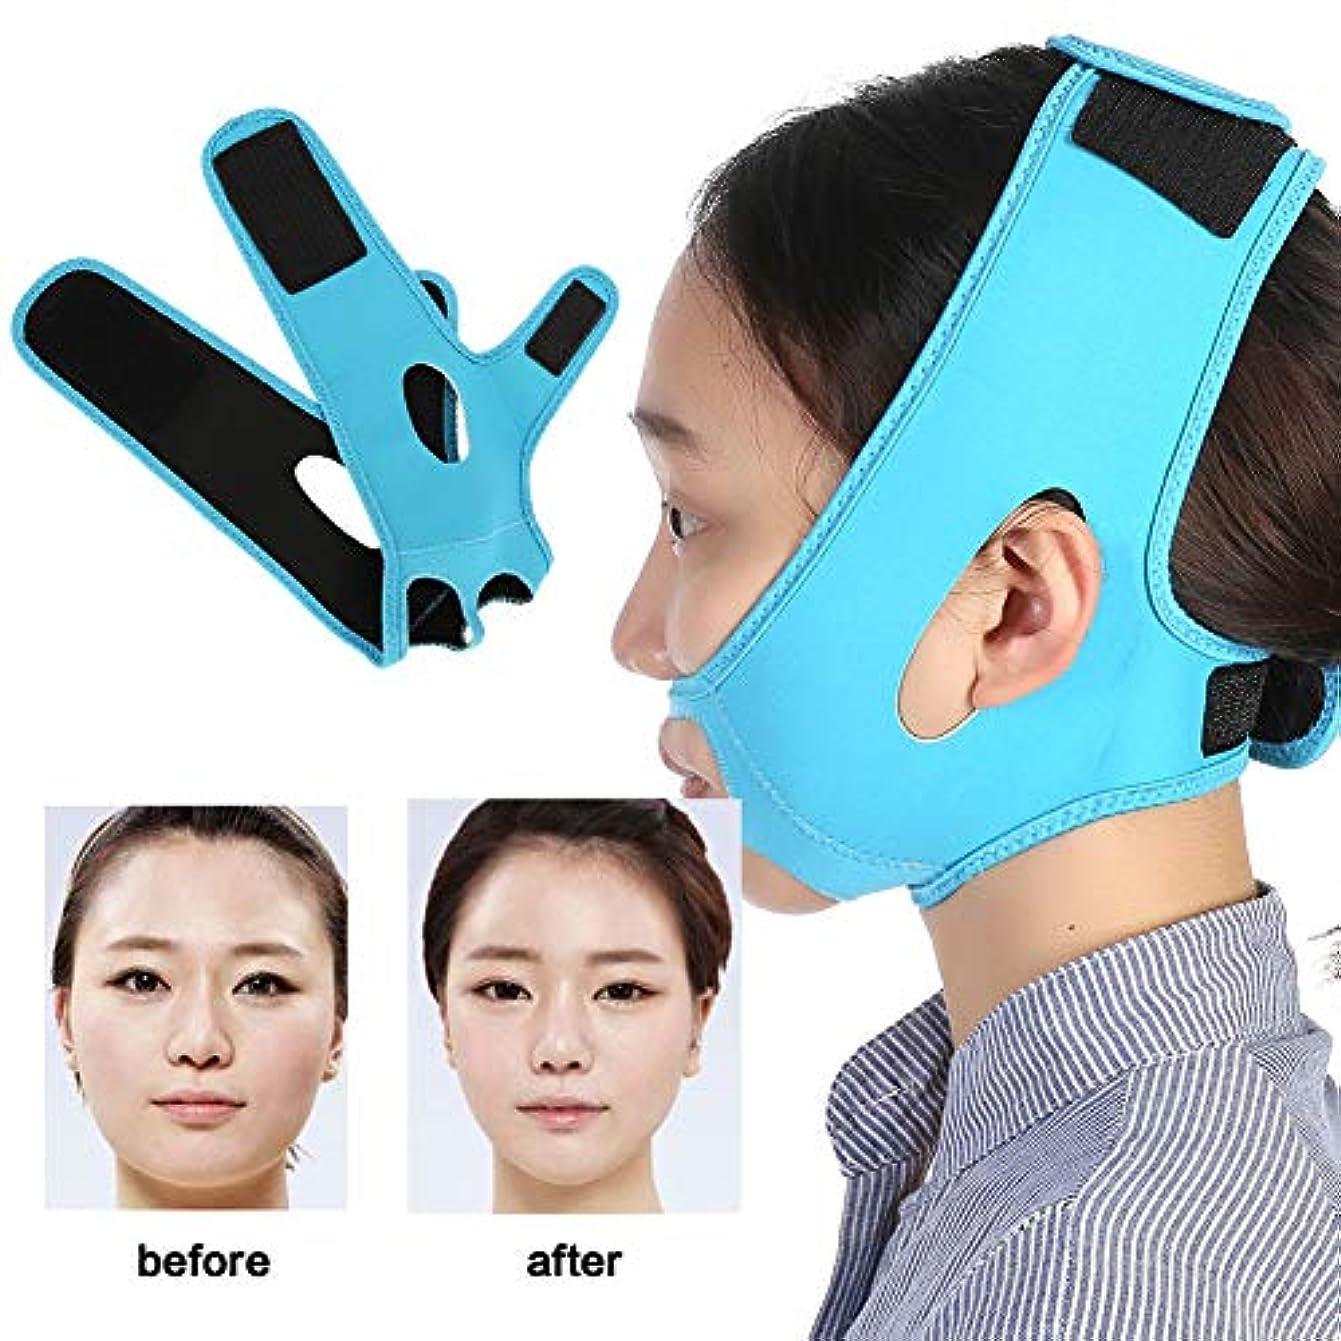 イタリック石膏ほこり顔の輪郭を改善するためのフェイスマスクのスリム化 Vフェイス美容包帯 通気性/伸縮性/非変形性